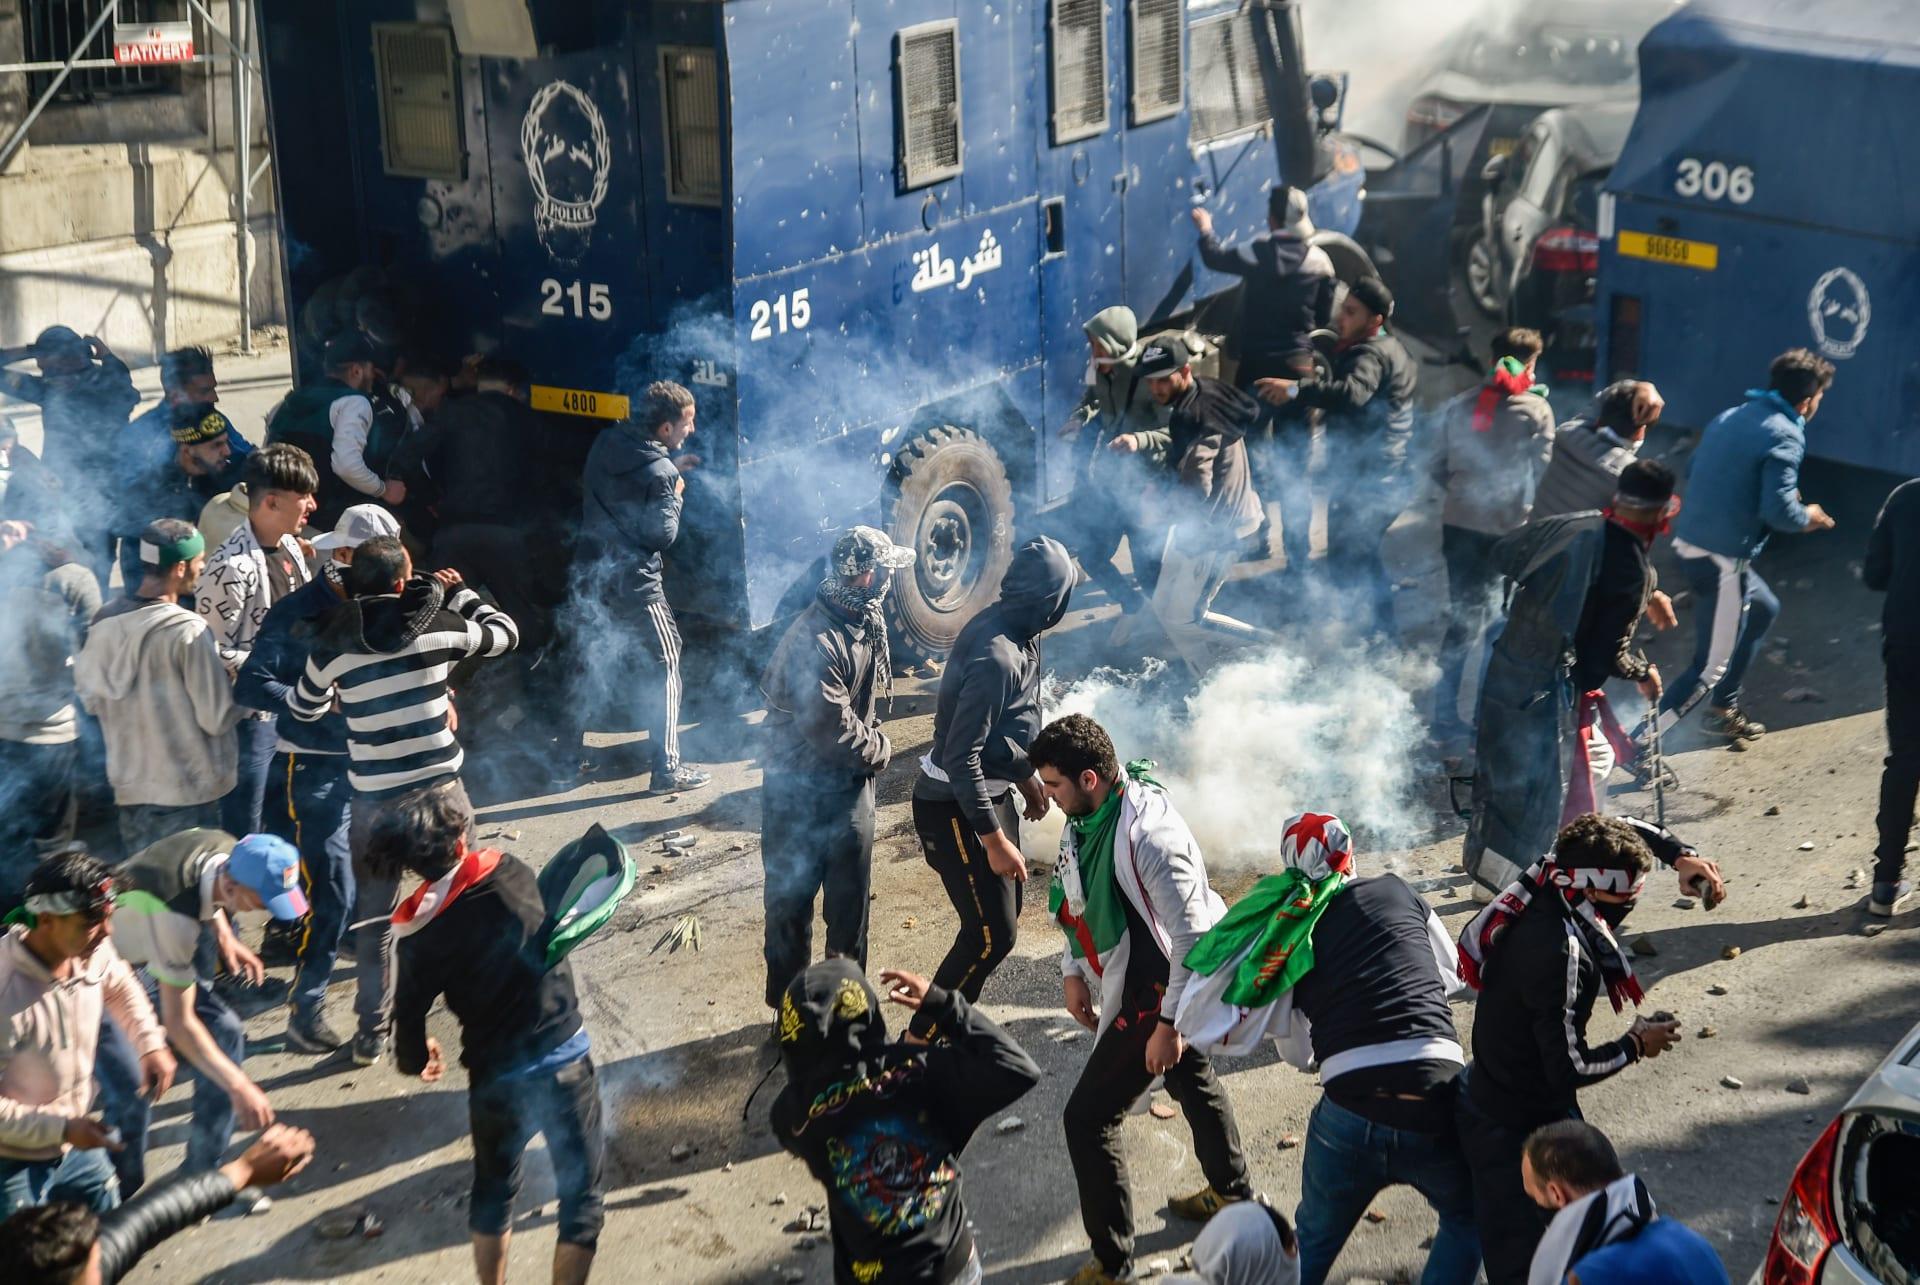 وسط احتجاجات البلدين.. الجزائر تدعو إلى انتقال سلمي للسلطة بالسودان